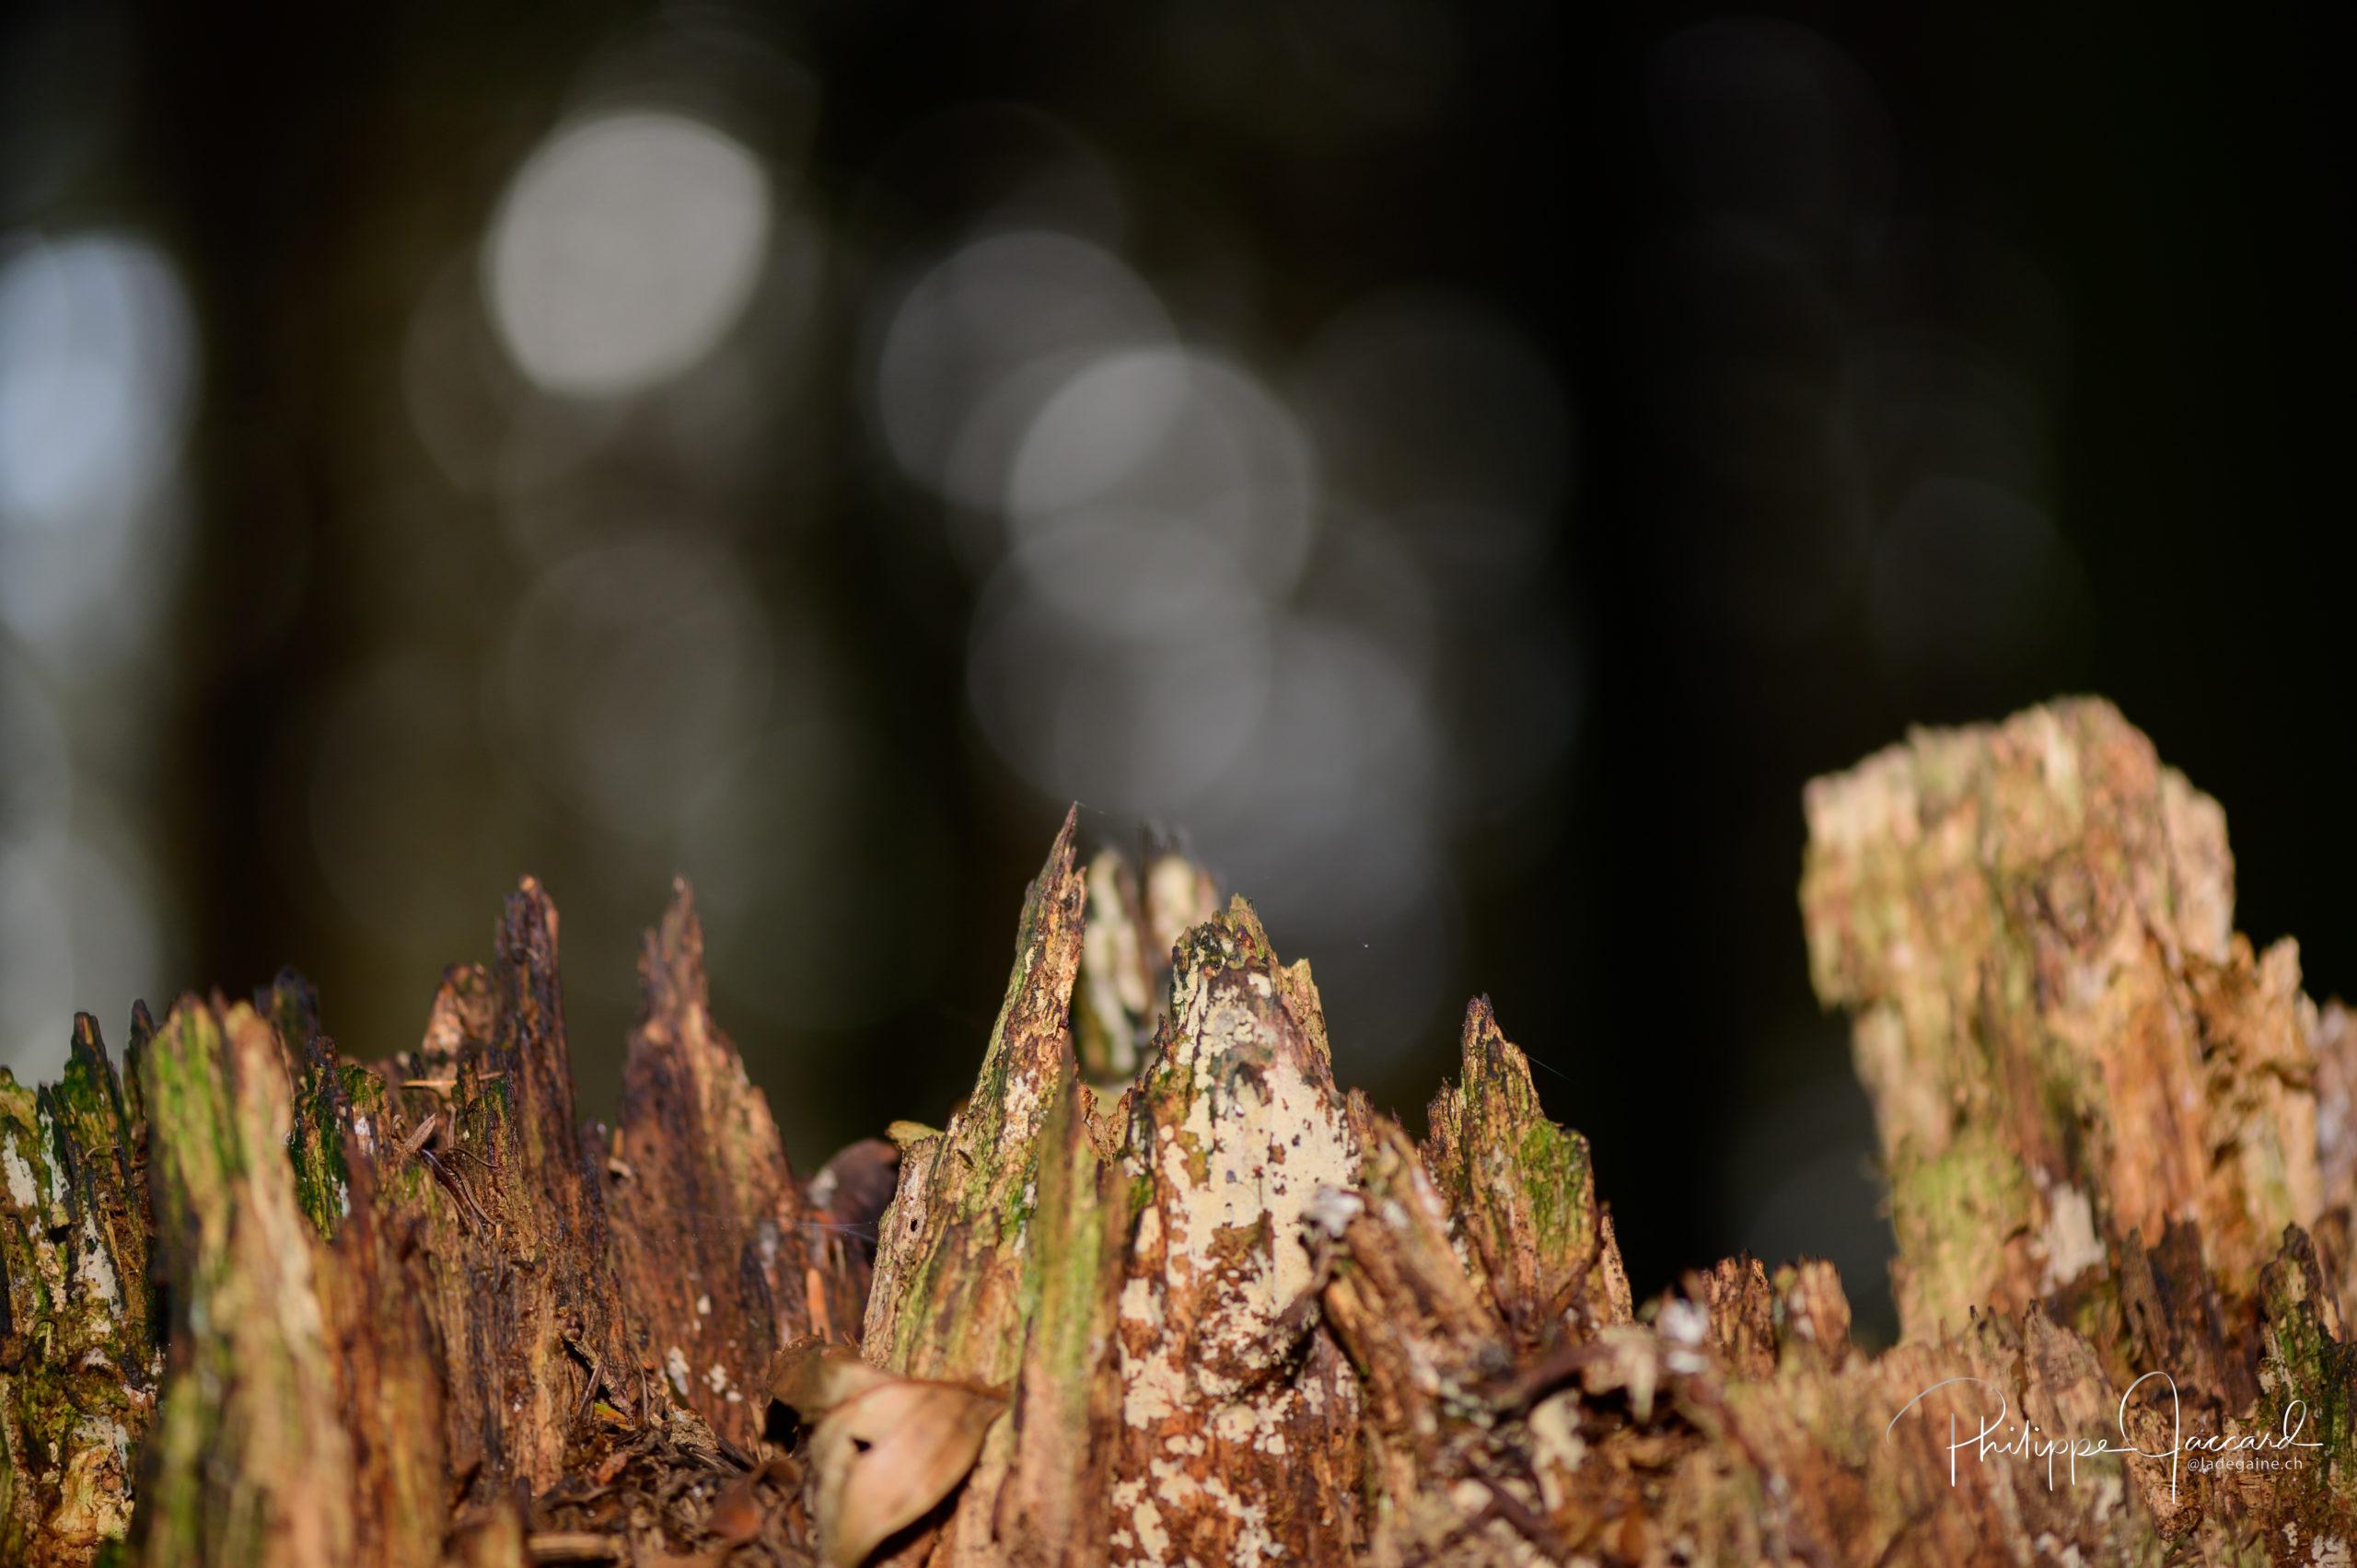 Ces écorces découpées donnent la perception d'une chaîne d'aiguilles granitiques de la vallée de Chamonix (Par Philippe Jaccard)